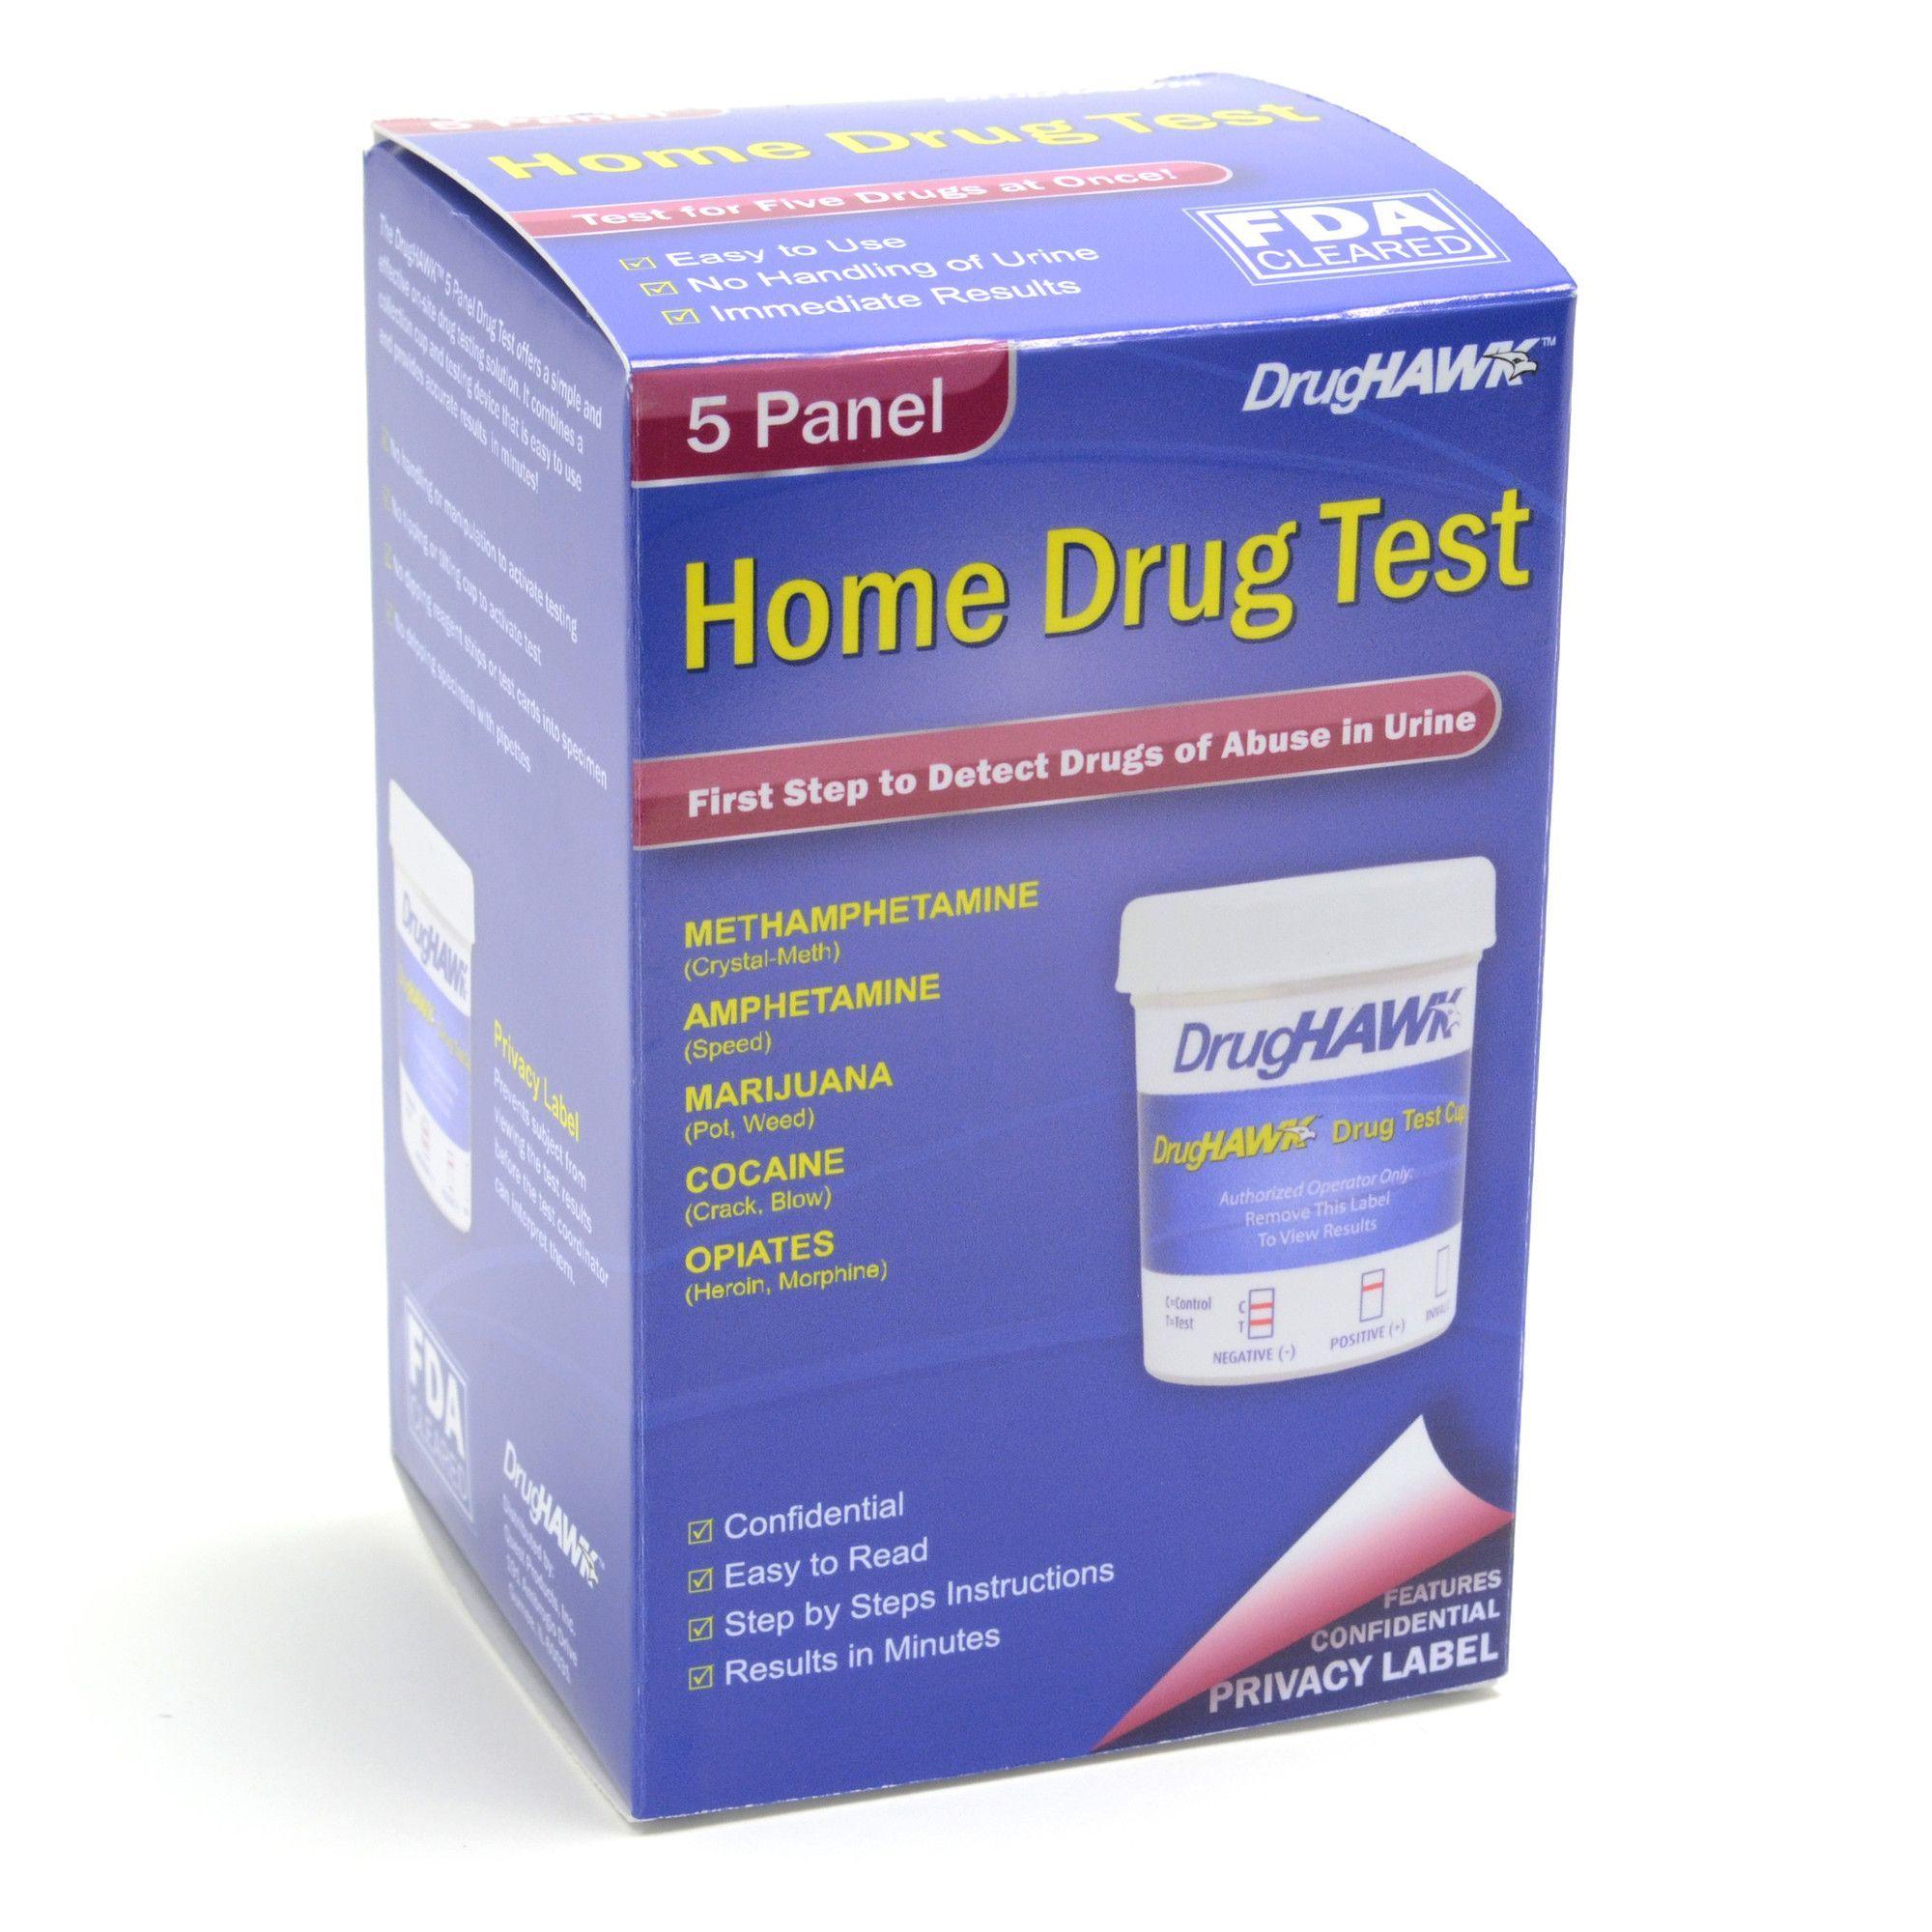 DrugHAWK Home Drug Test Kit   Products   Drug test, Drugs, Shipping